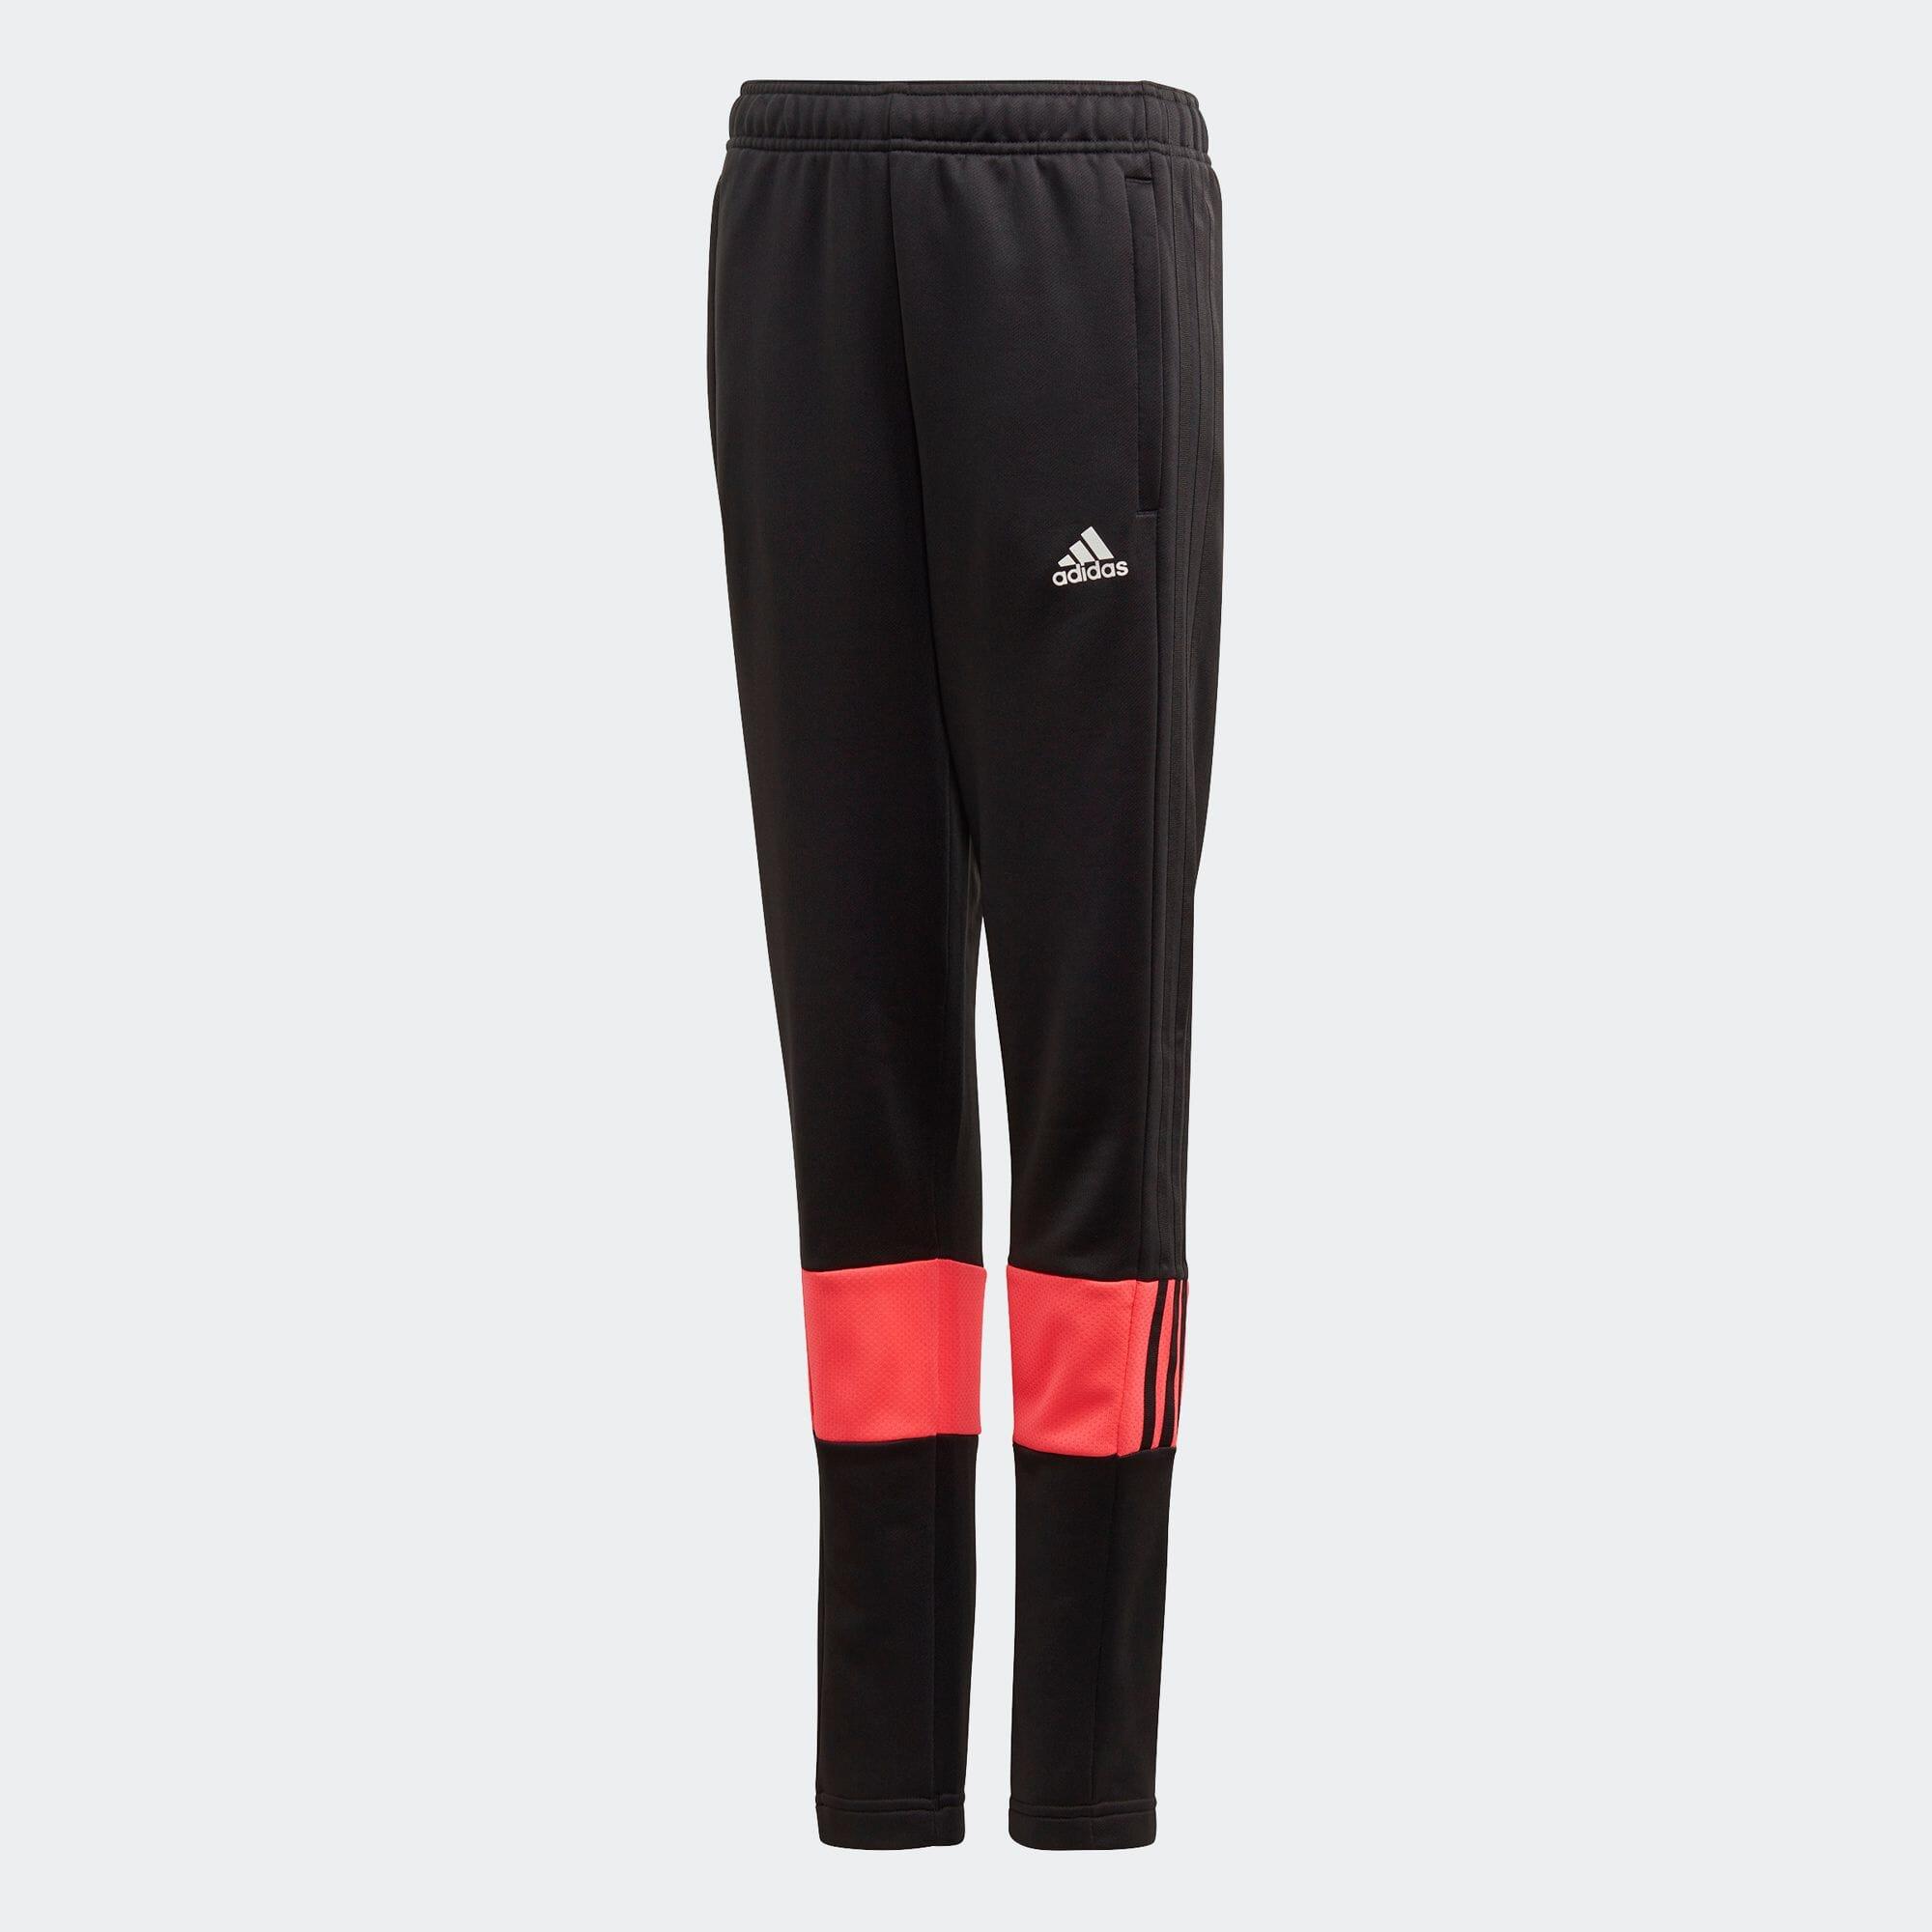 マストハブ 3ストライプス AEROREADY パンツ / Must Haves 3-Stripes AEROREADY Pants